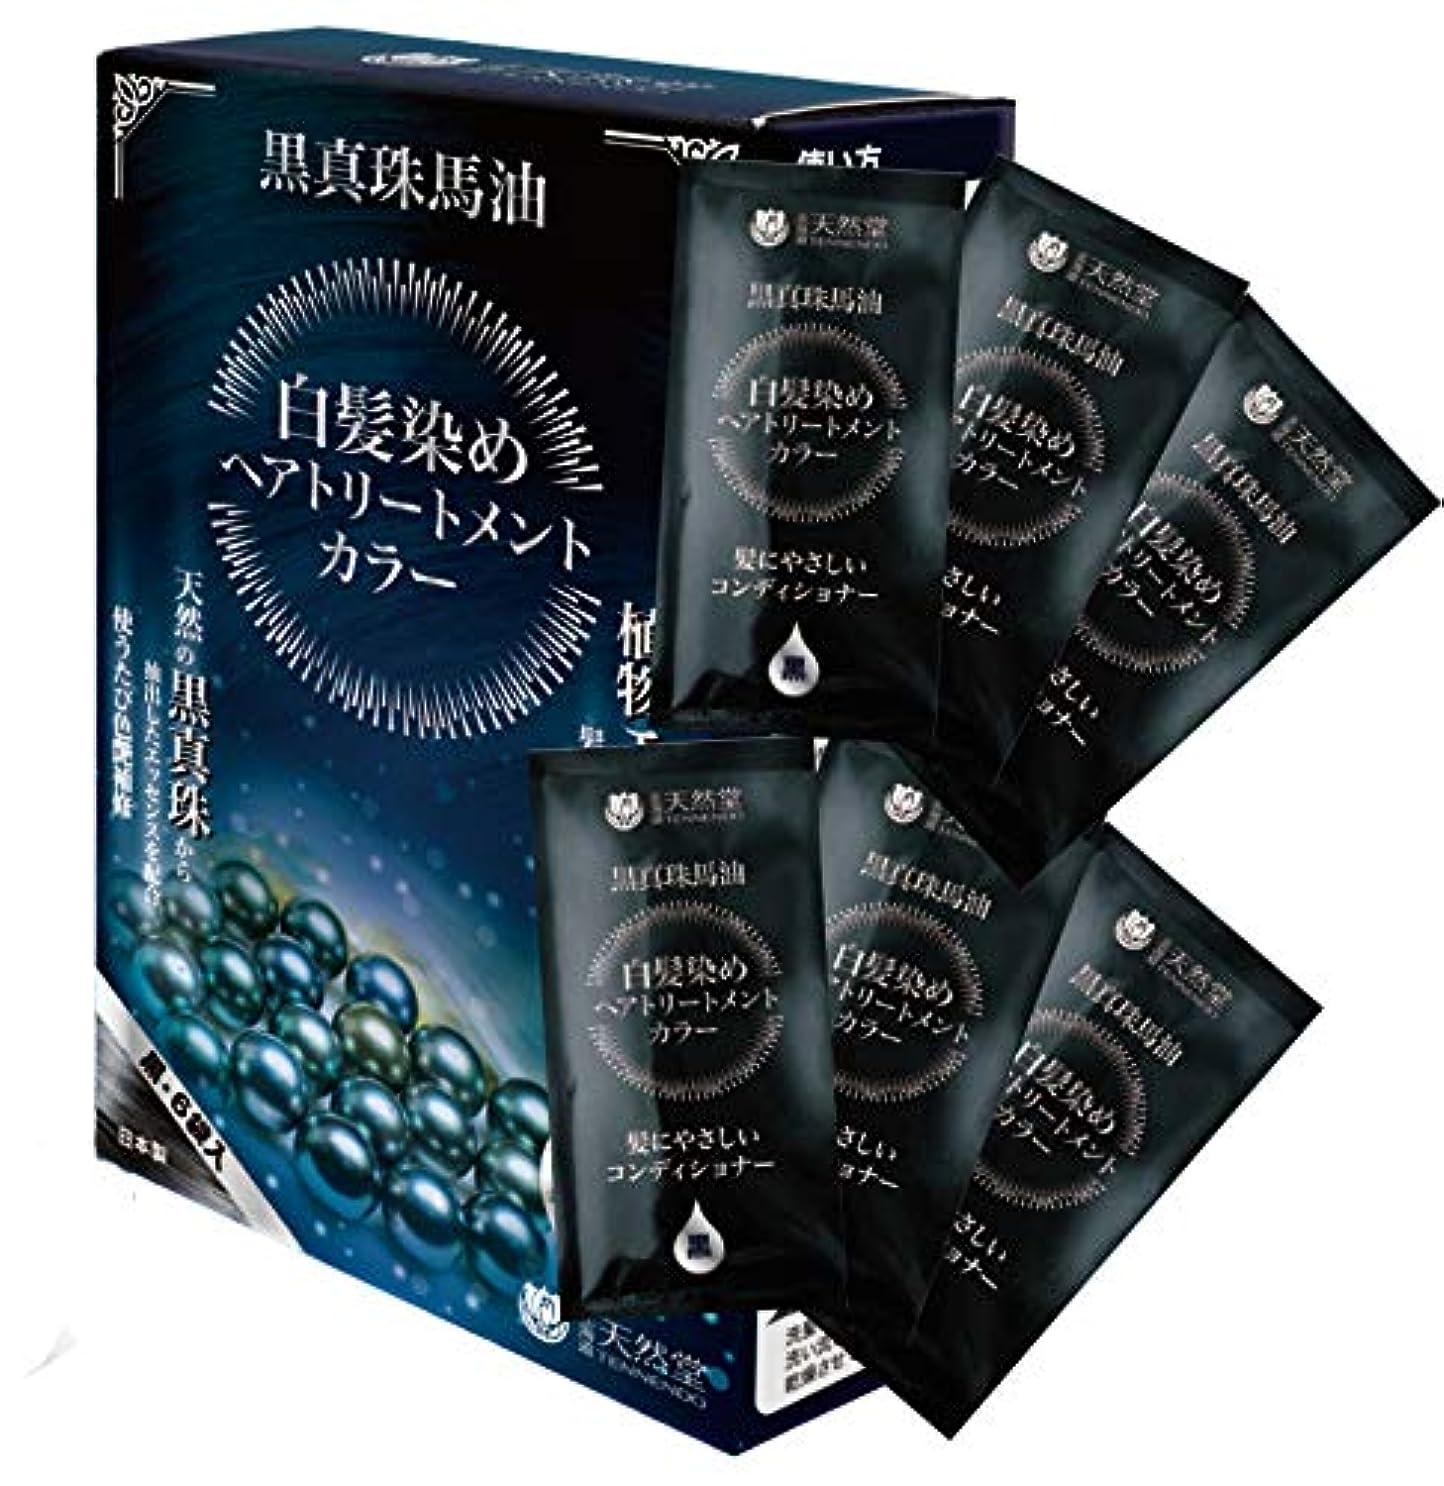 維持ノベルティ版黒真珠馬油 白髪染め へアトリートメントカラー (黒) 20g×6 / 北海道天然堂